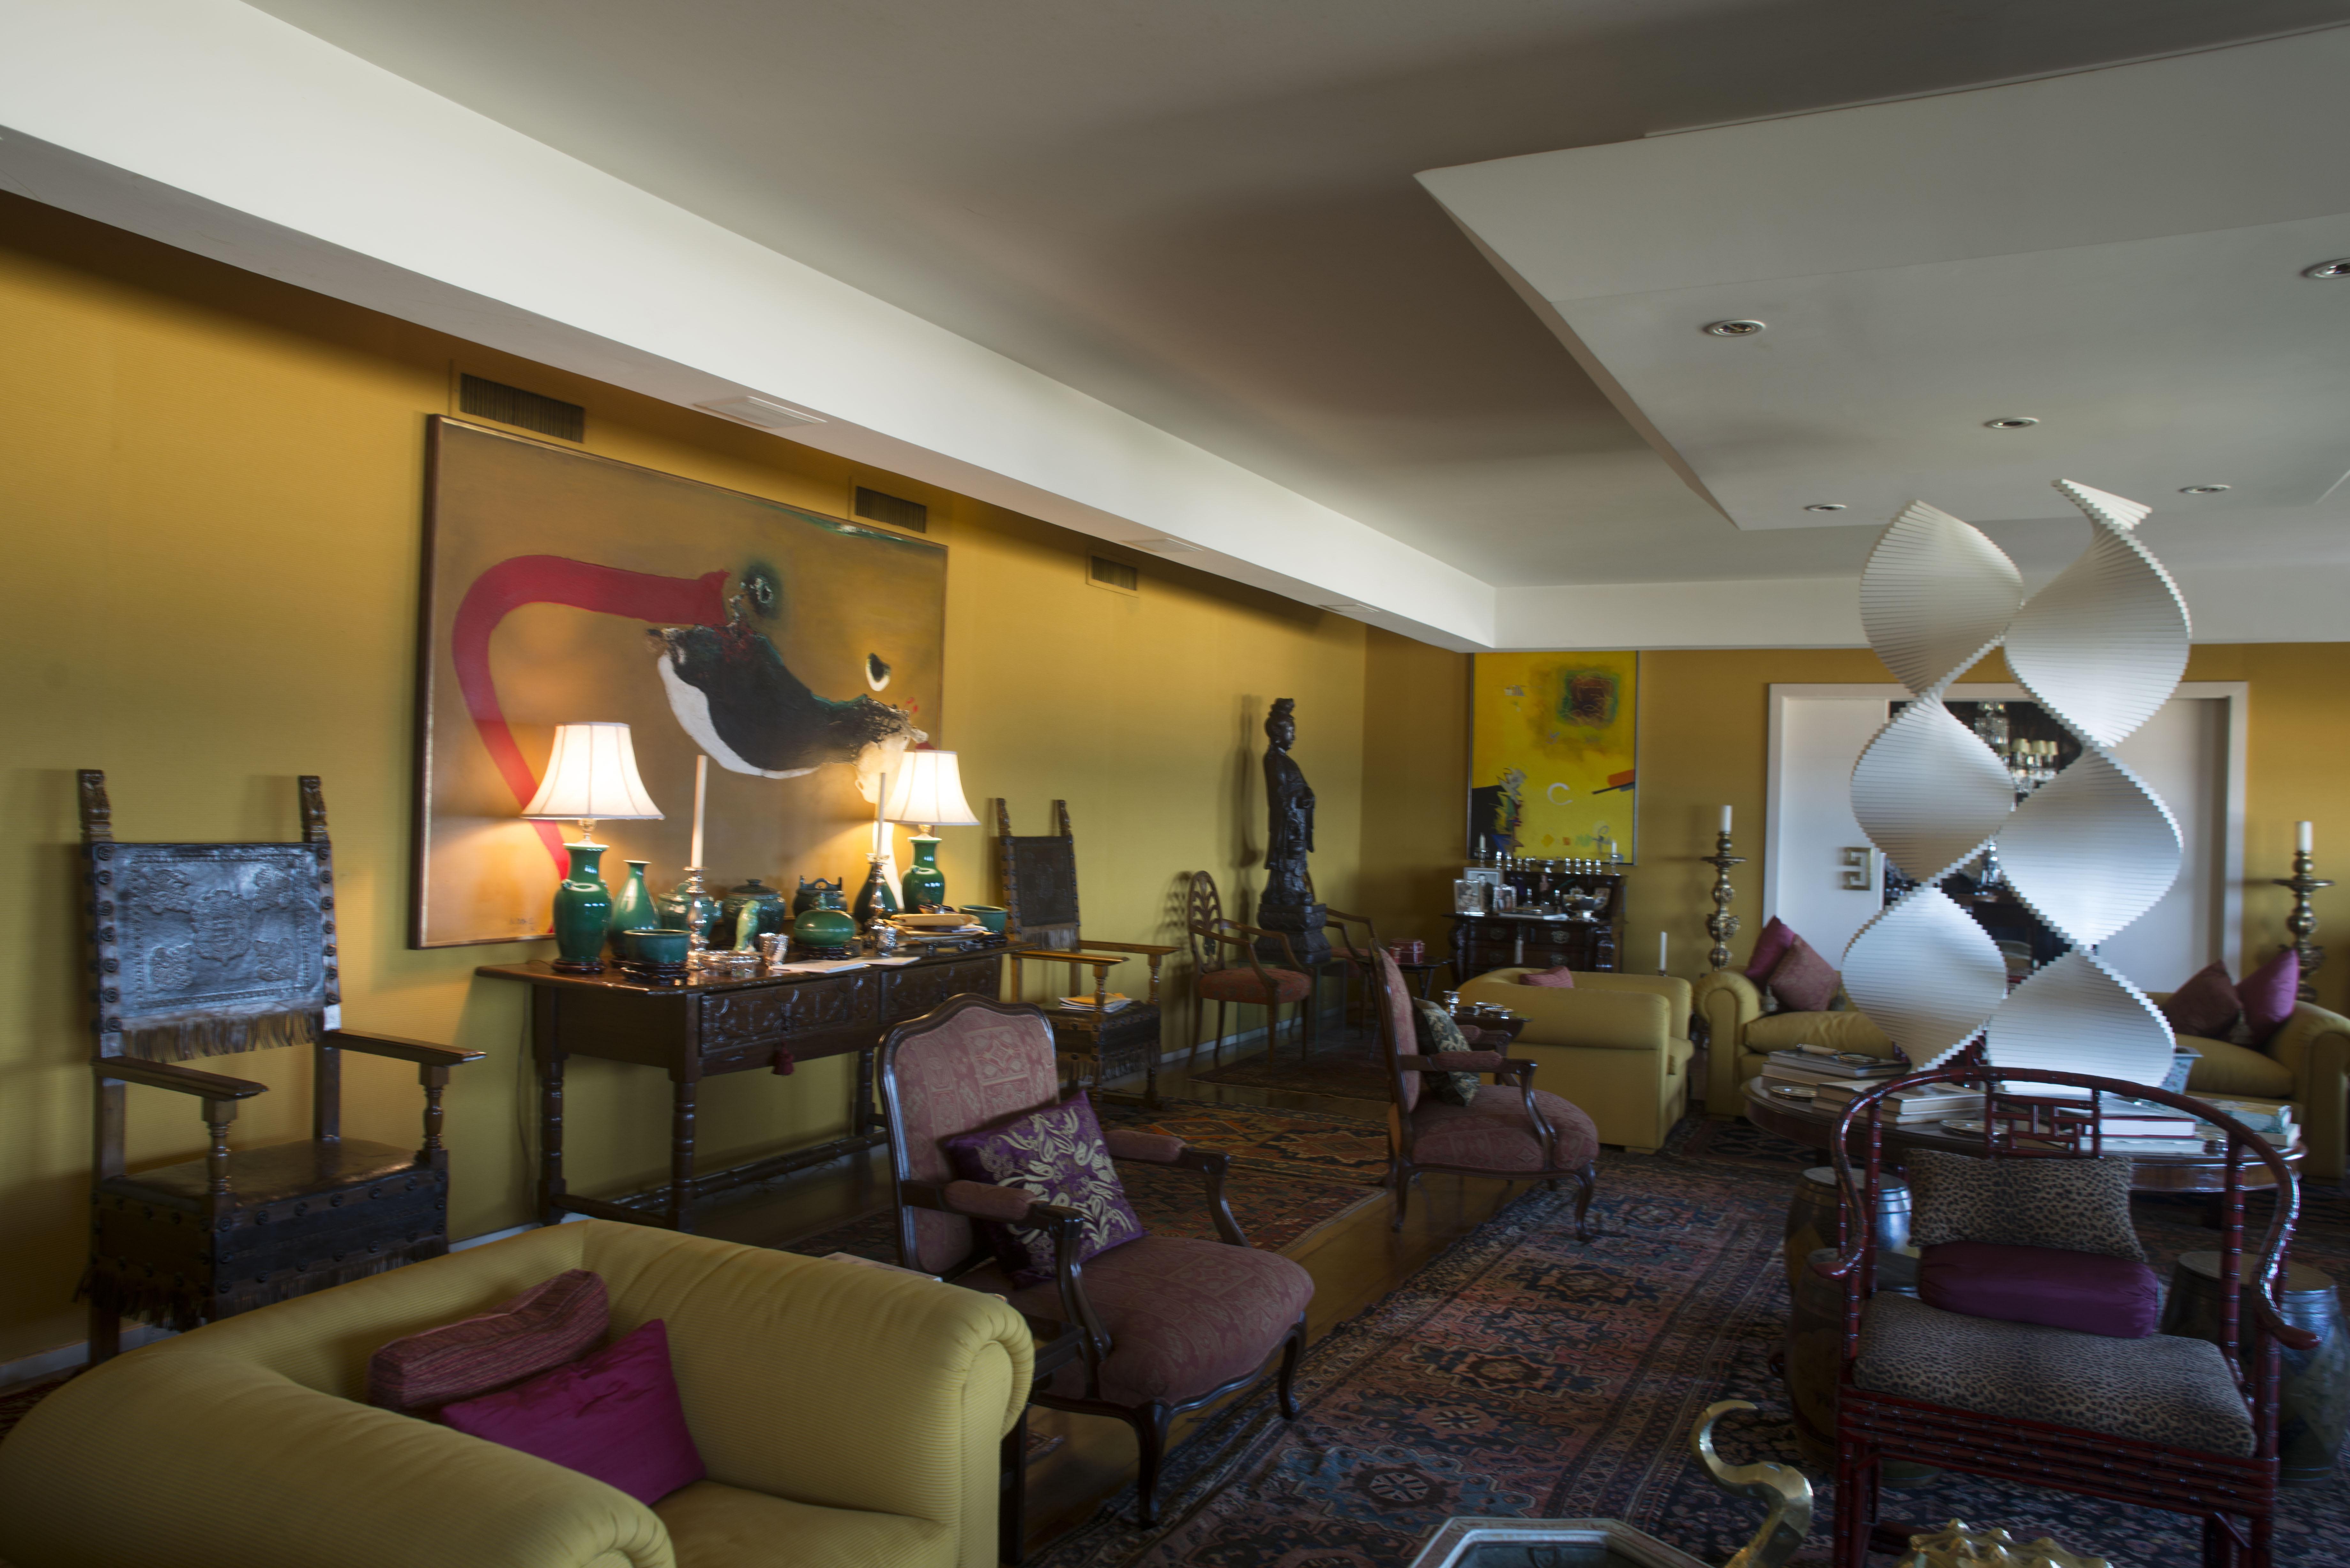 Частный односемейный дом для того Продажа на Sea front apartment Avenida Delfim Moreira Rio De Janeiro, Рио-Де-Жанейро, 22441000 Бразилия